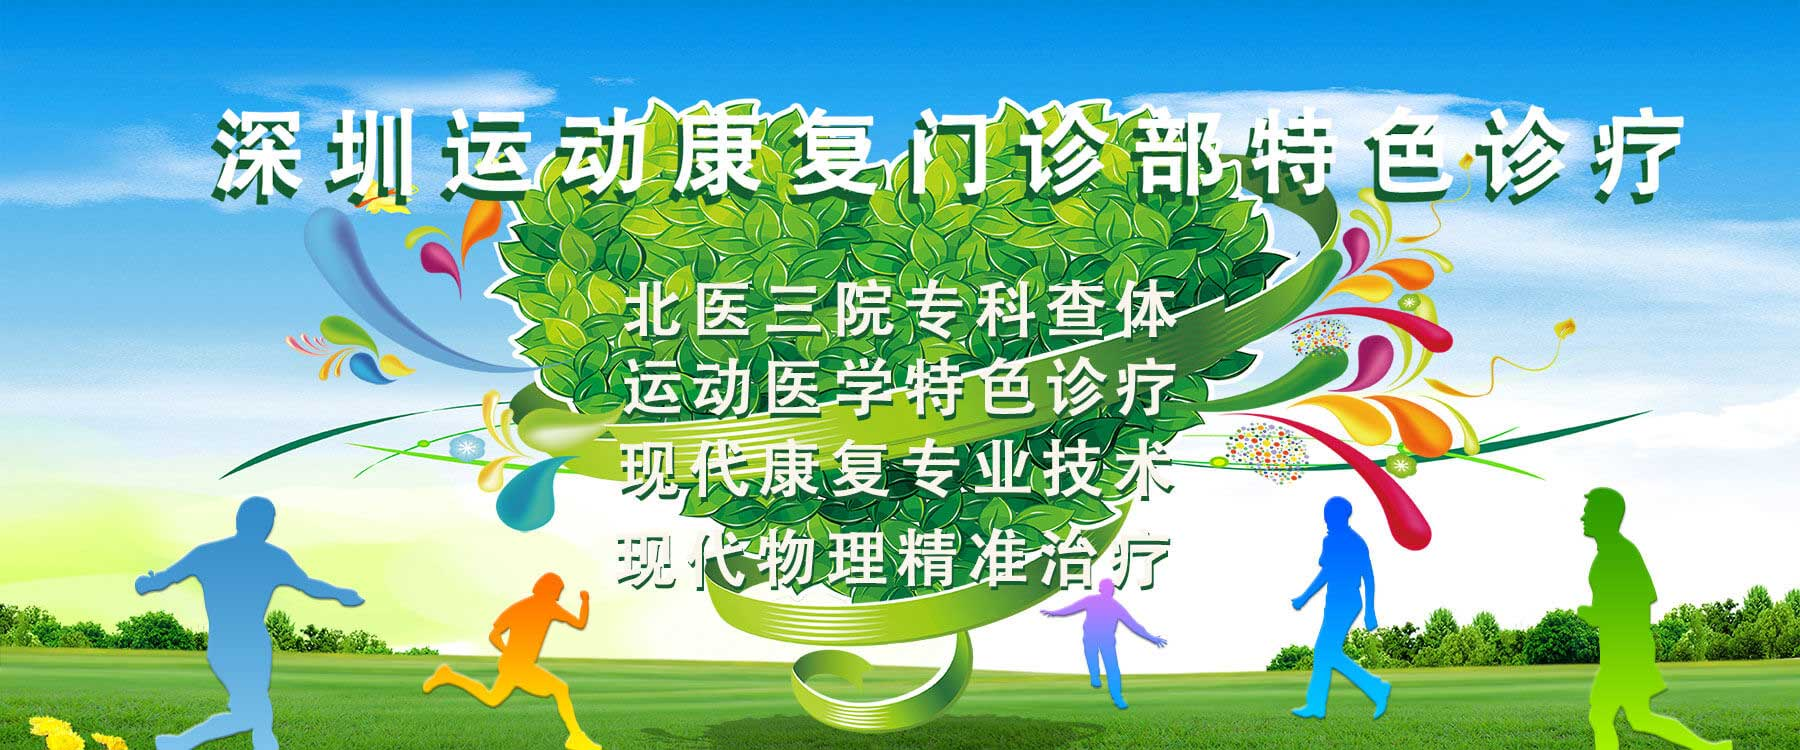 深圳运动康复门诊部特色诊疗方式